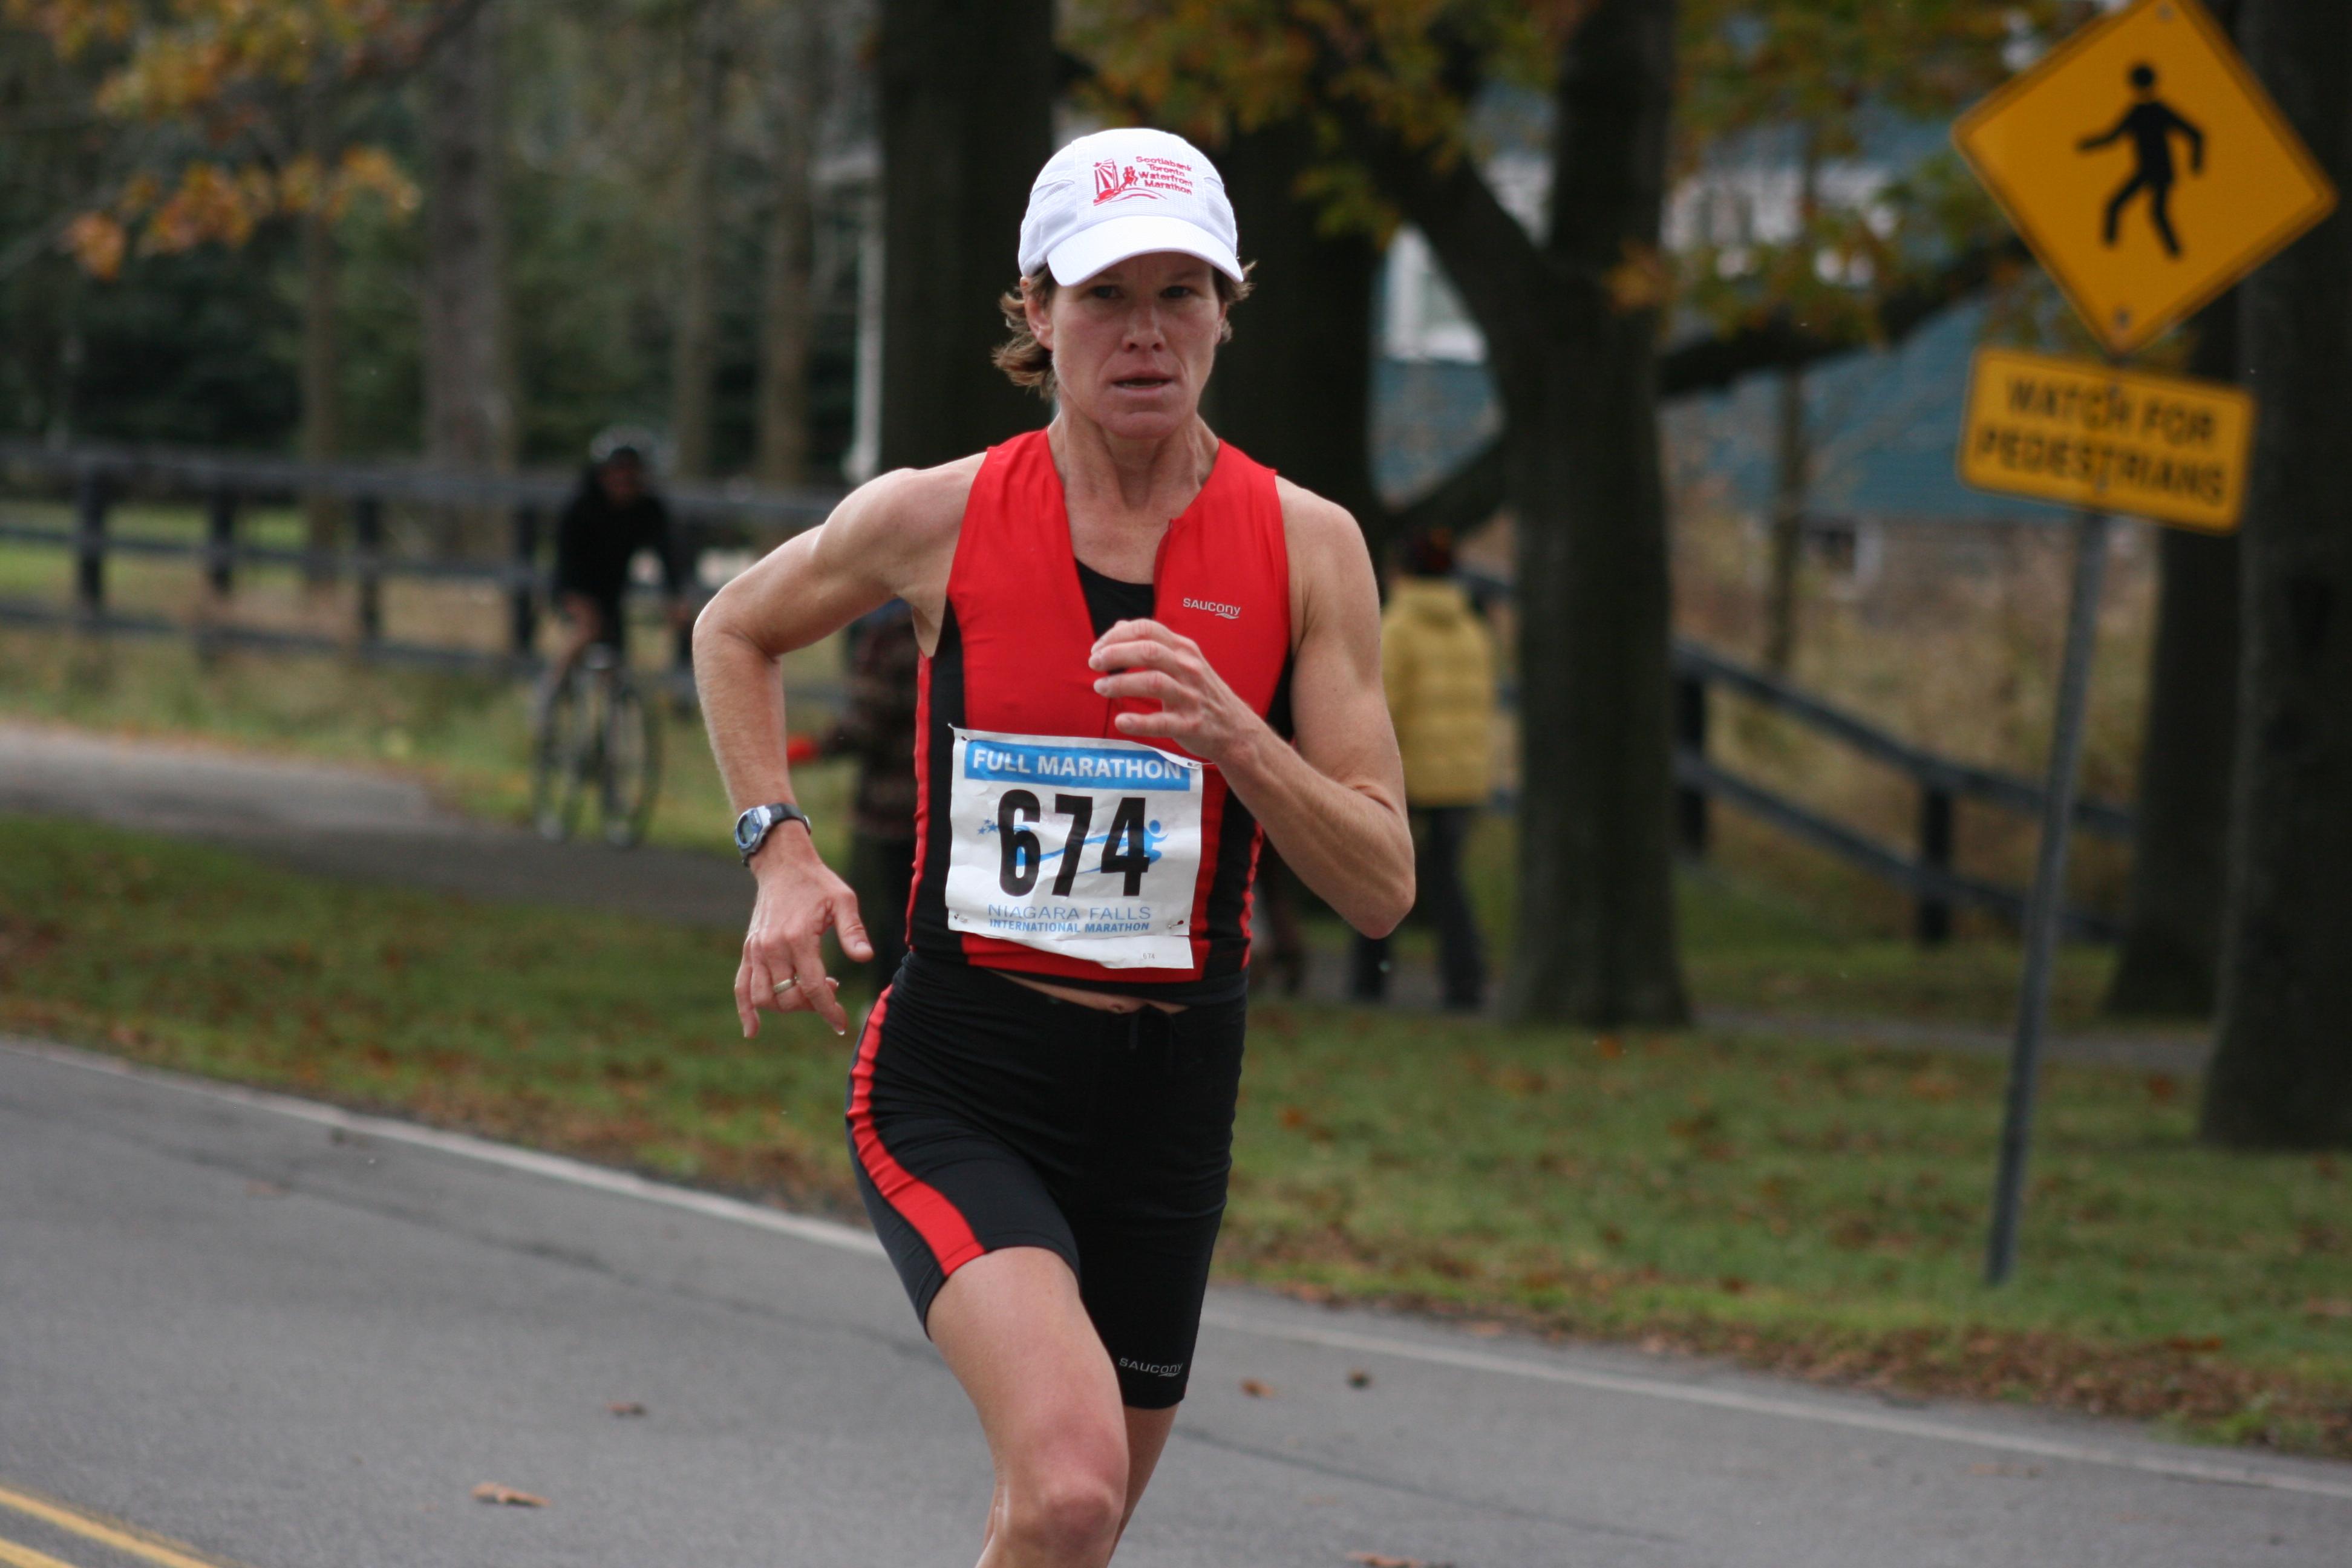 Olympic Medals 11th August Bethniagaramarathon